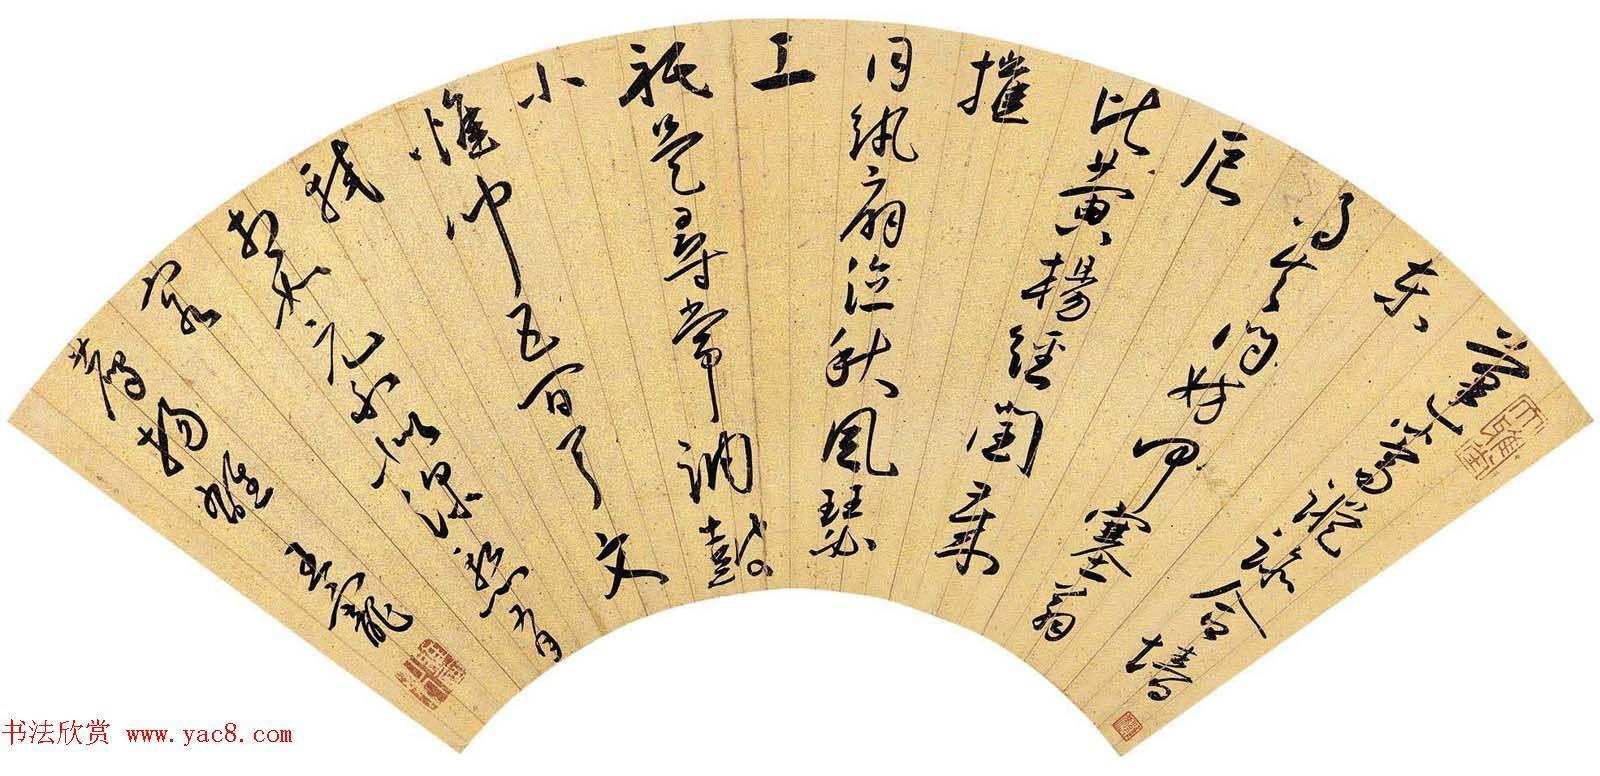 中国明代书画家王宠书法扇面作品专辑(4)图片